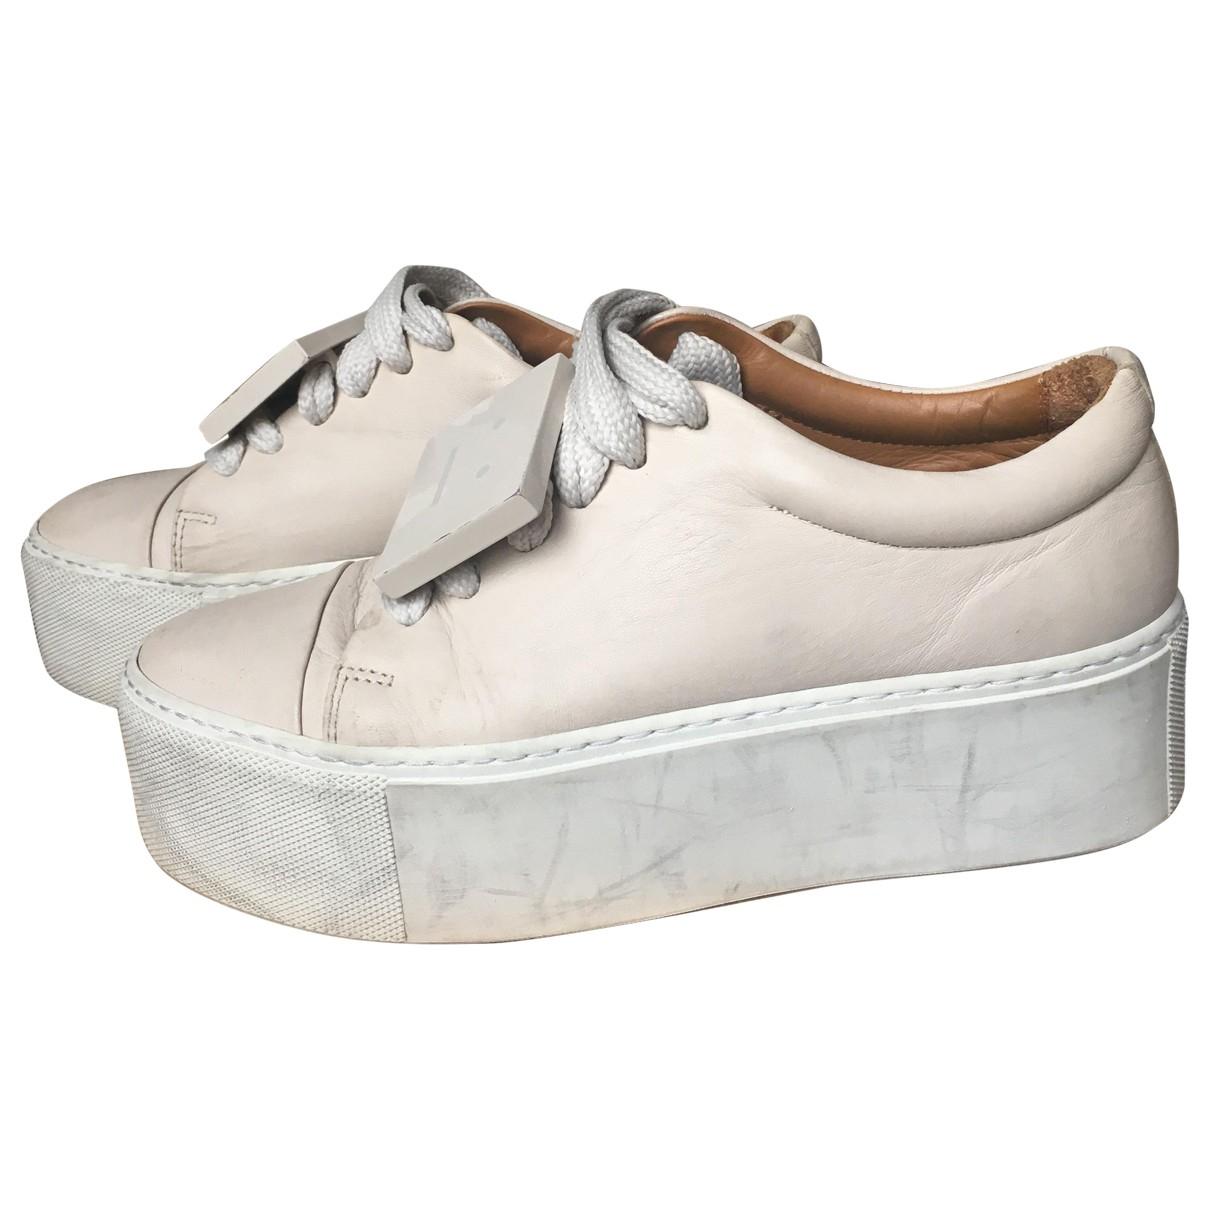 Acne Studios \N Sneakers in  Ecru Leder